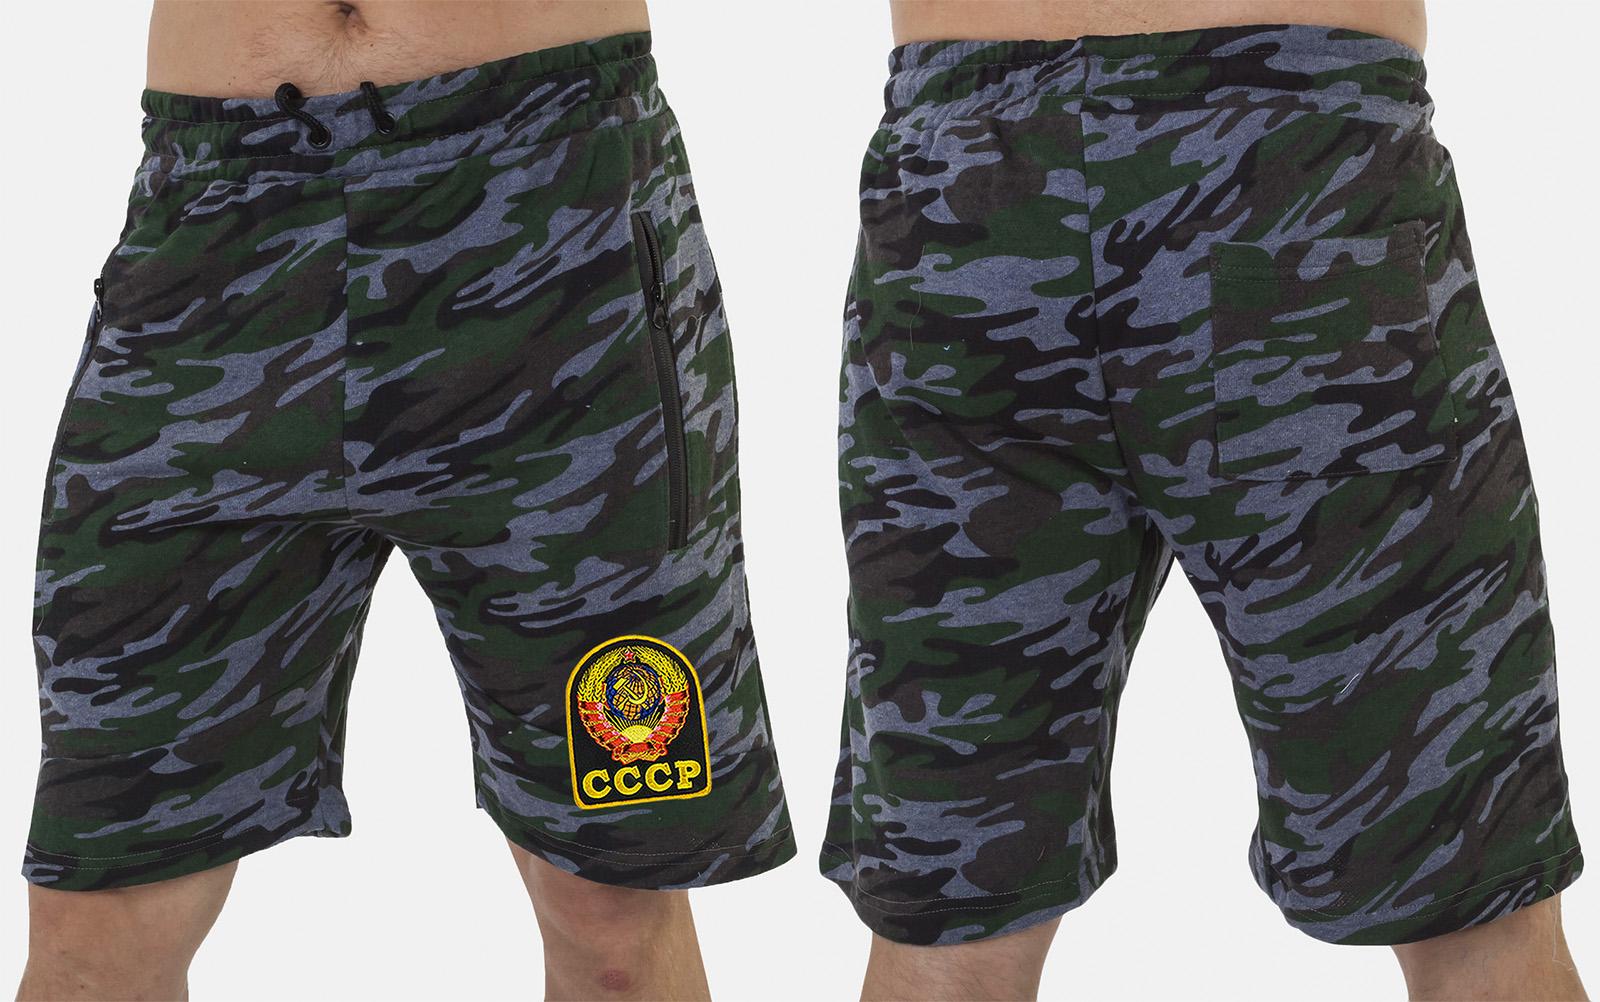 Оригинальные удлиненные шорты с карманами и нашивкой СССР - заказать по низкой цене